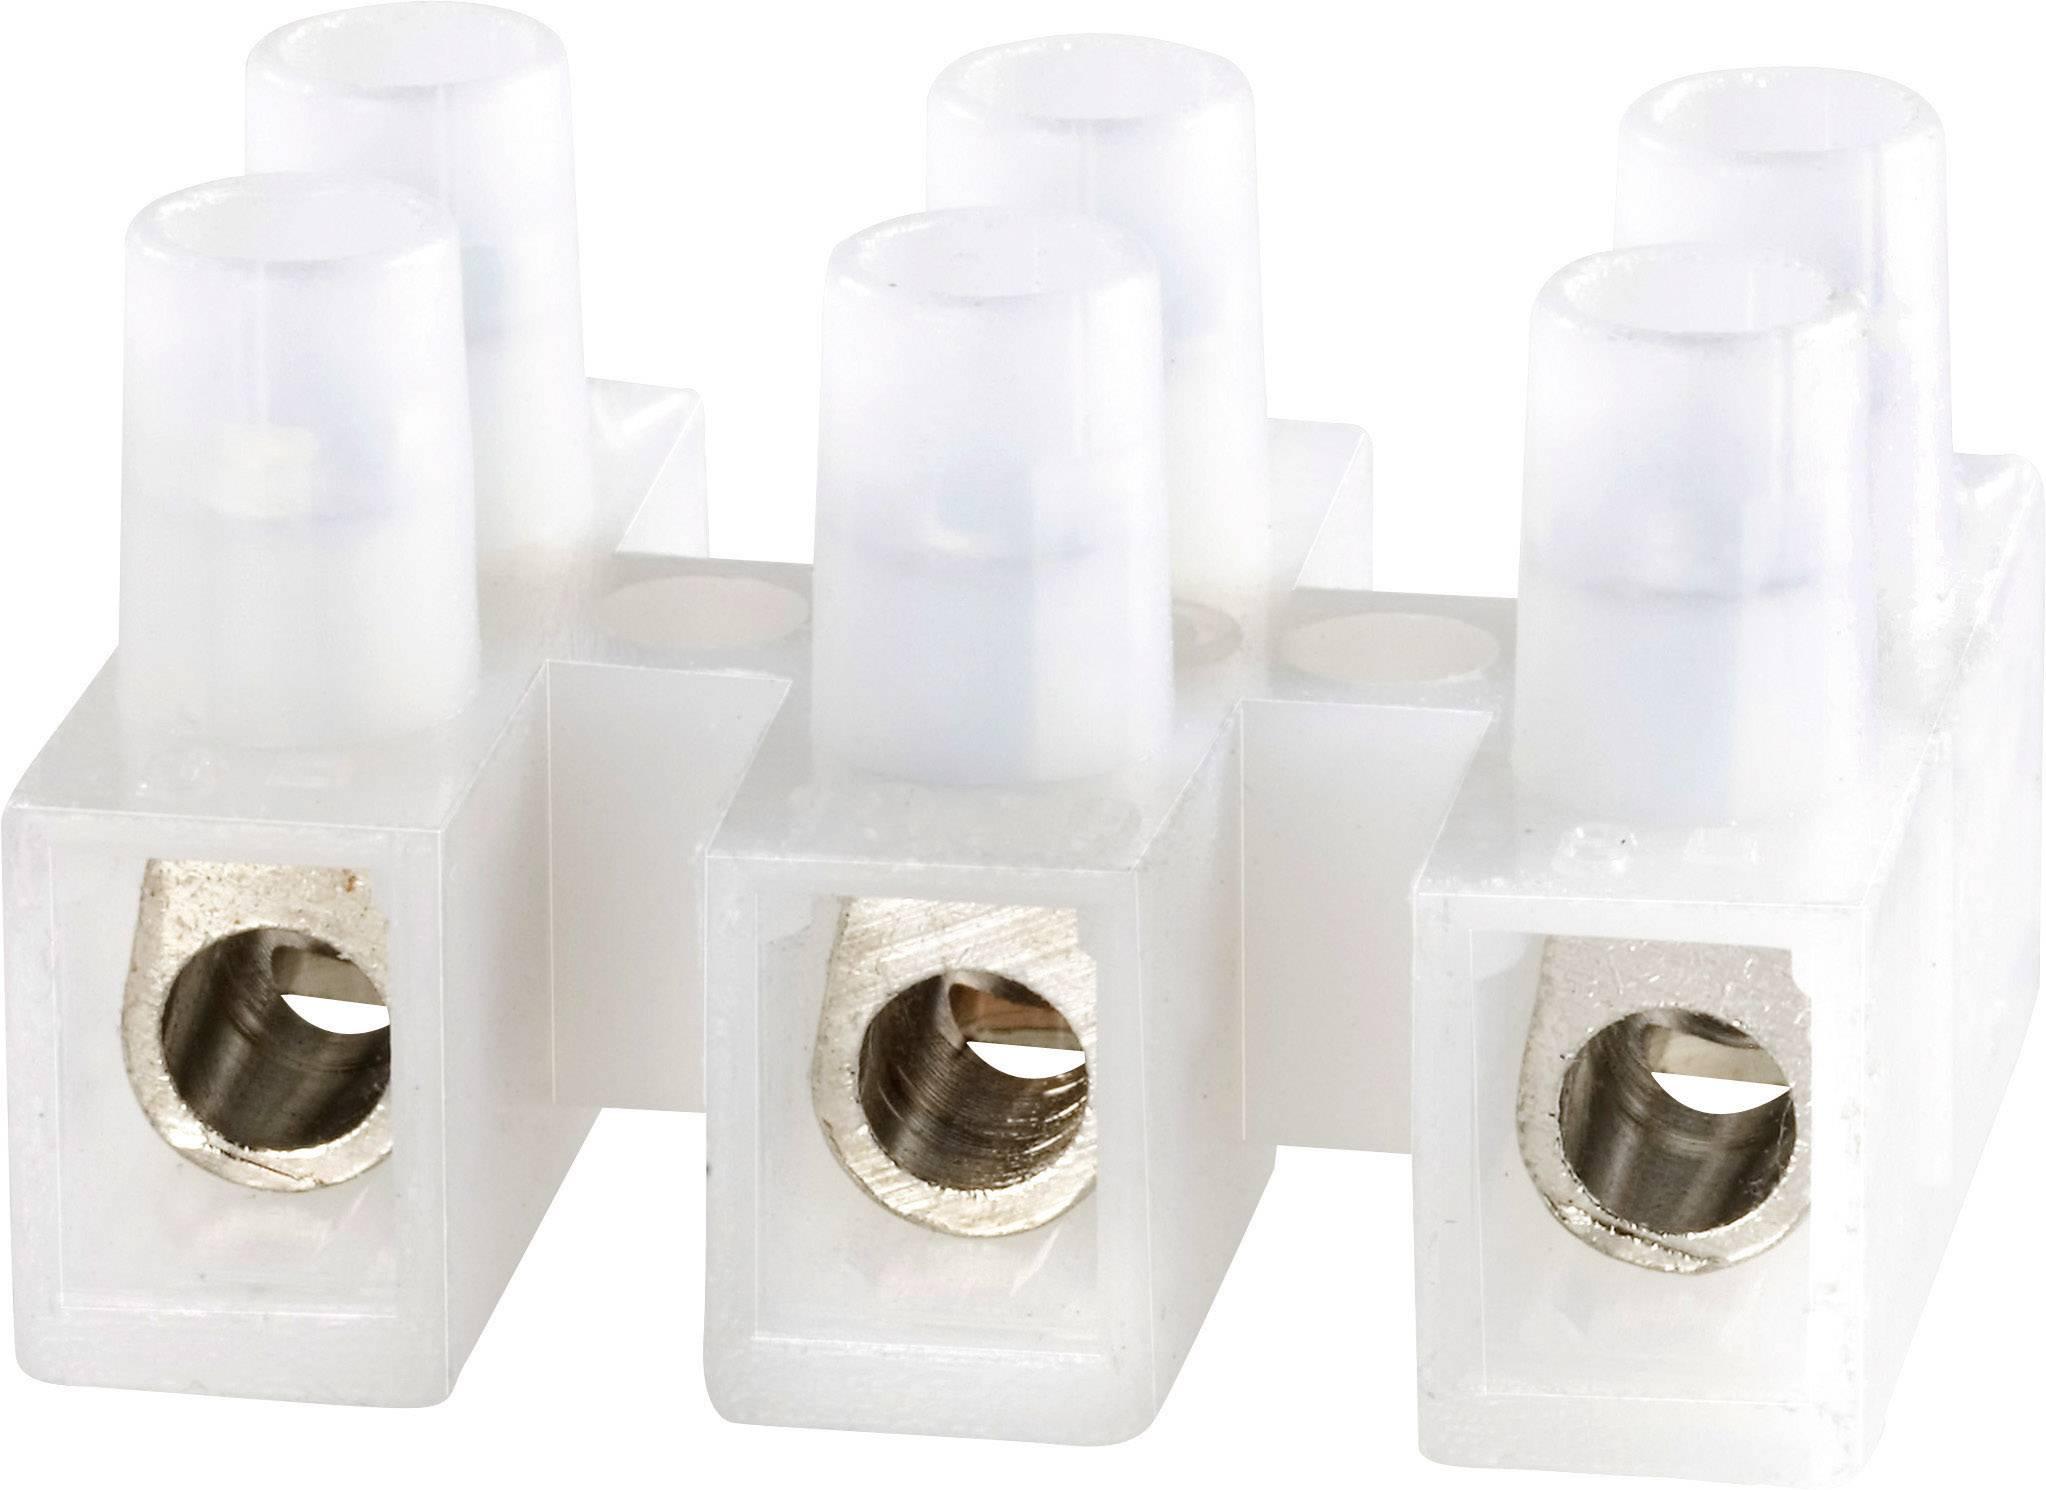 Svietidlové svorky Adels-Contact 1000/12 DS na kábel s rozmerom -6 mm², pólů 12, 1 ks, prírodná